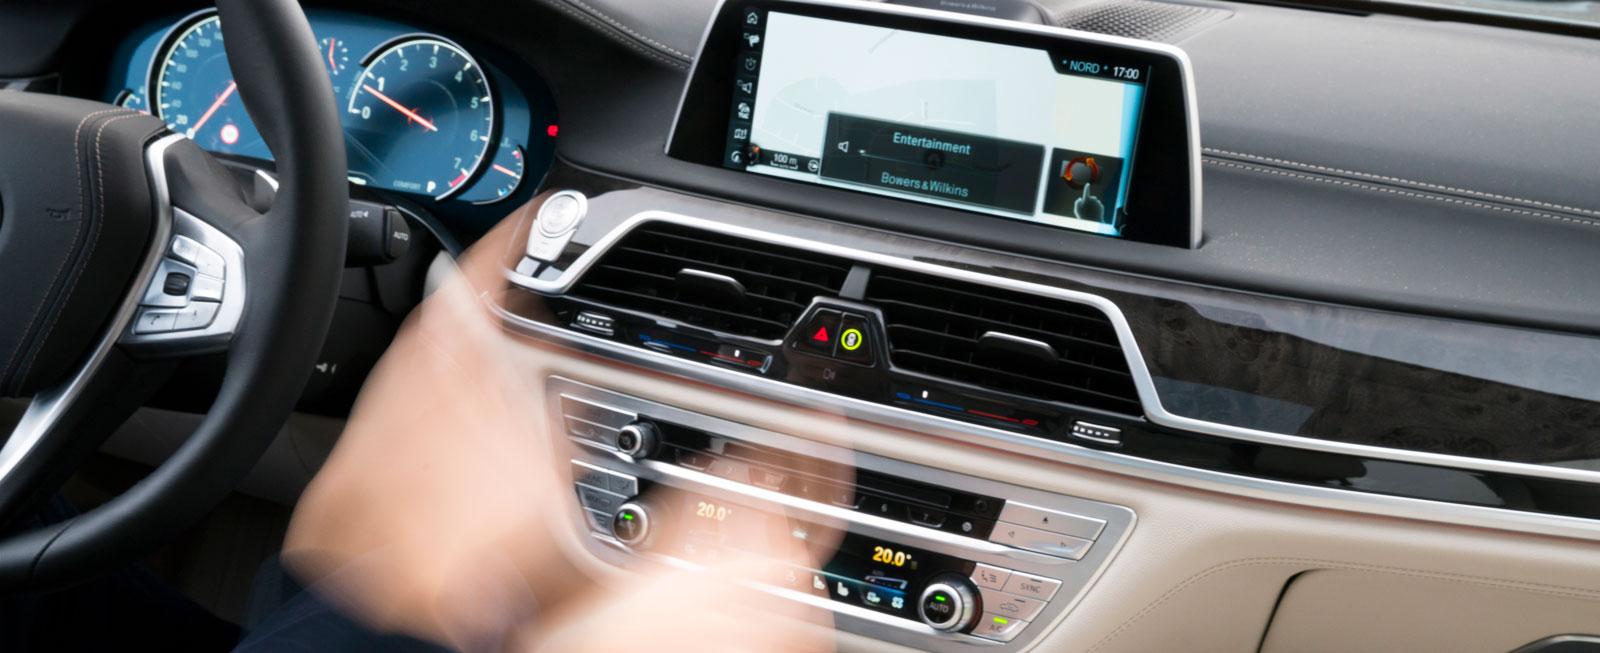 Vifta med fingrarna för att styra olika funktioner. Med gester kan man bland annat höja volymen och byta radiokanal med förbestämda tecken.